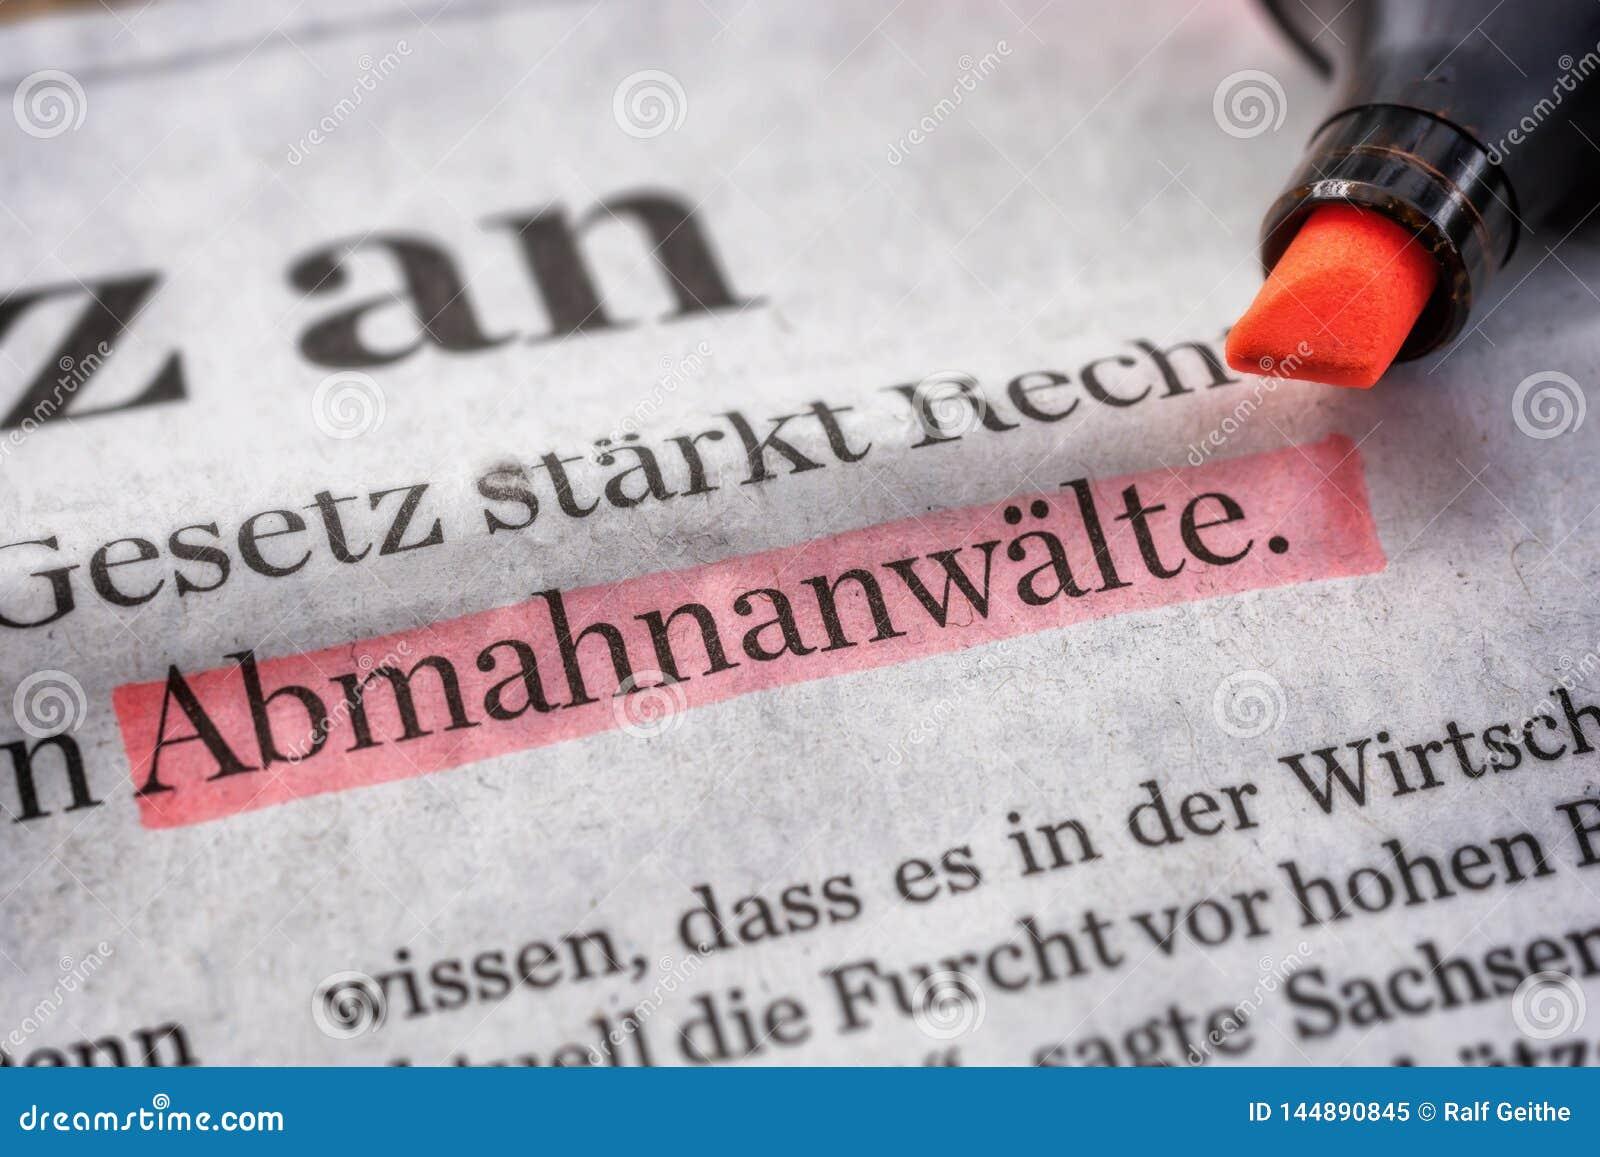 Het duidelijke krant knippen met het woord Abmahnanwälte